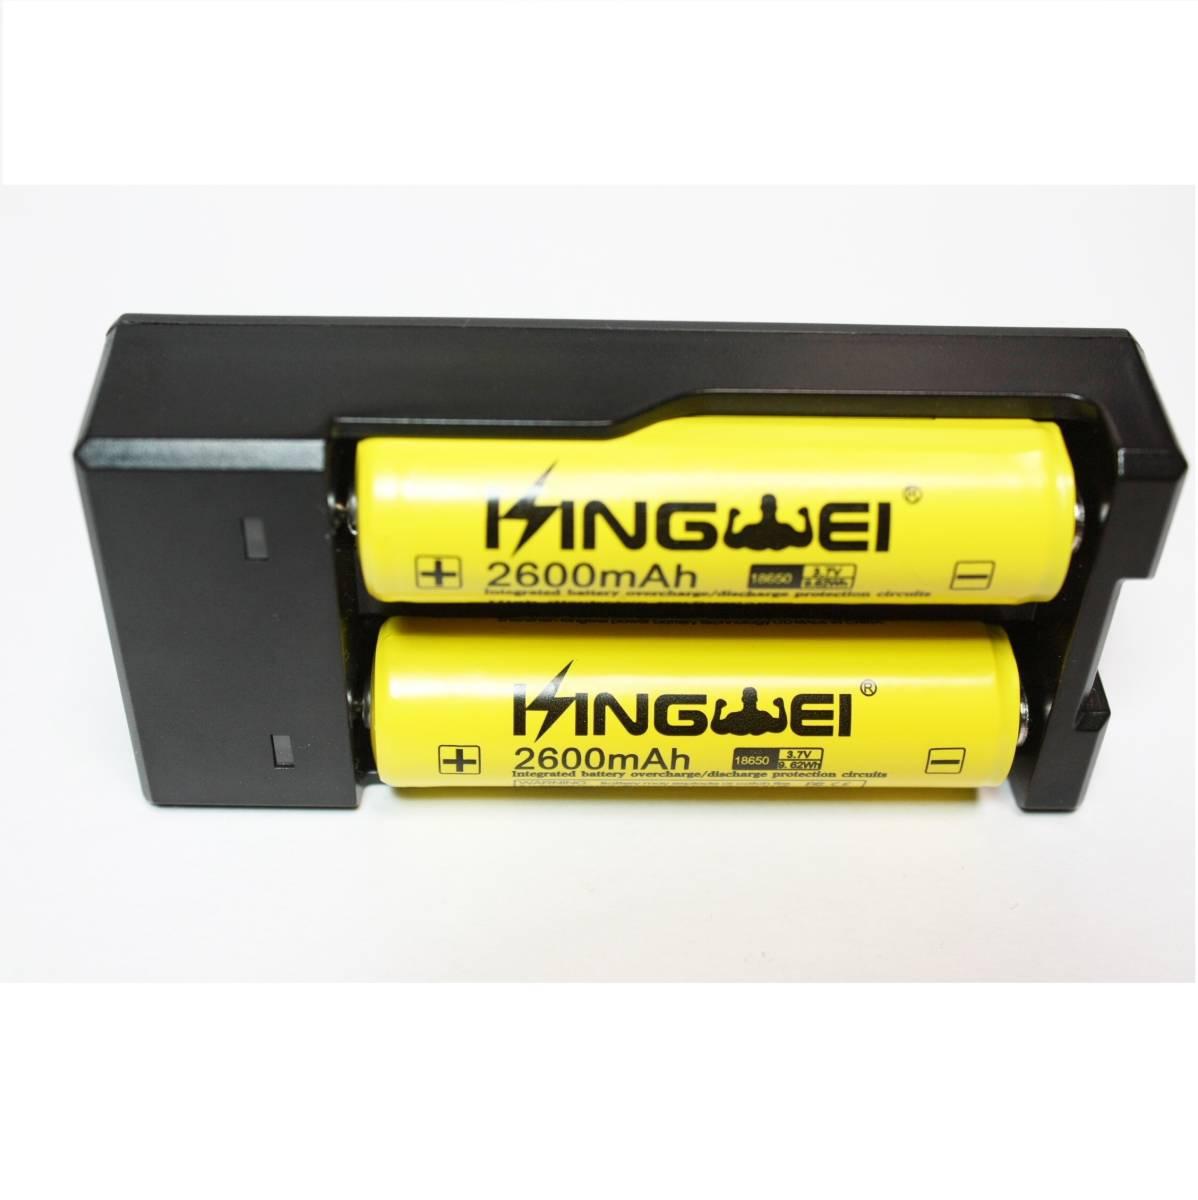 正規容量 18650 経済産業省適合品 リチウムイオン 充電池 2本 + 急速充電器 バッテリー 懐中電灯 ヘッドライト g04_画像2